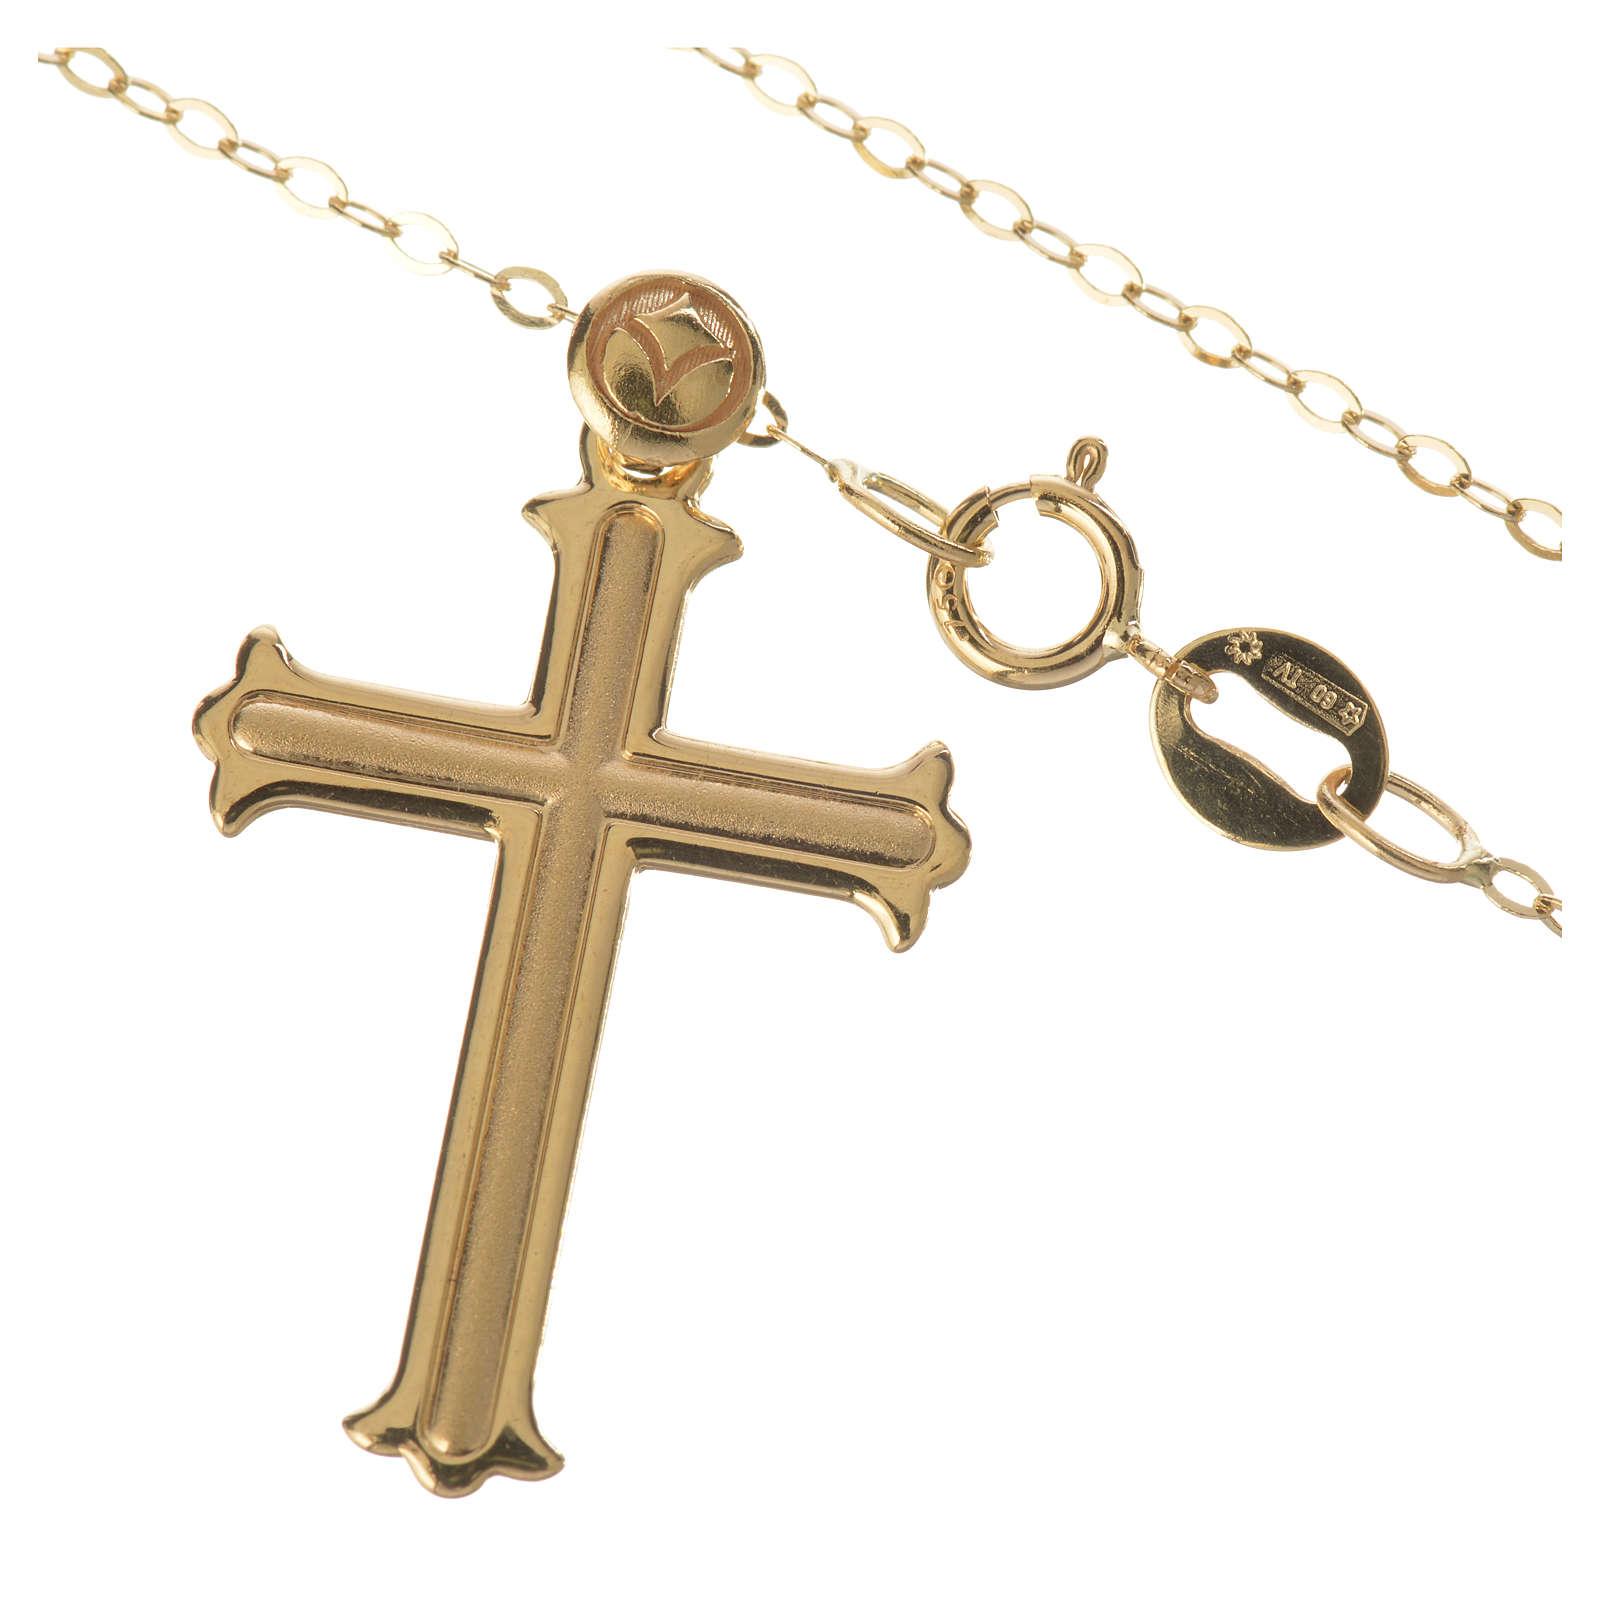 Trefoil cross pendant and chain in 18k gold 1,98 grams 4